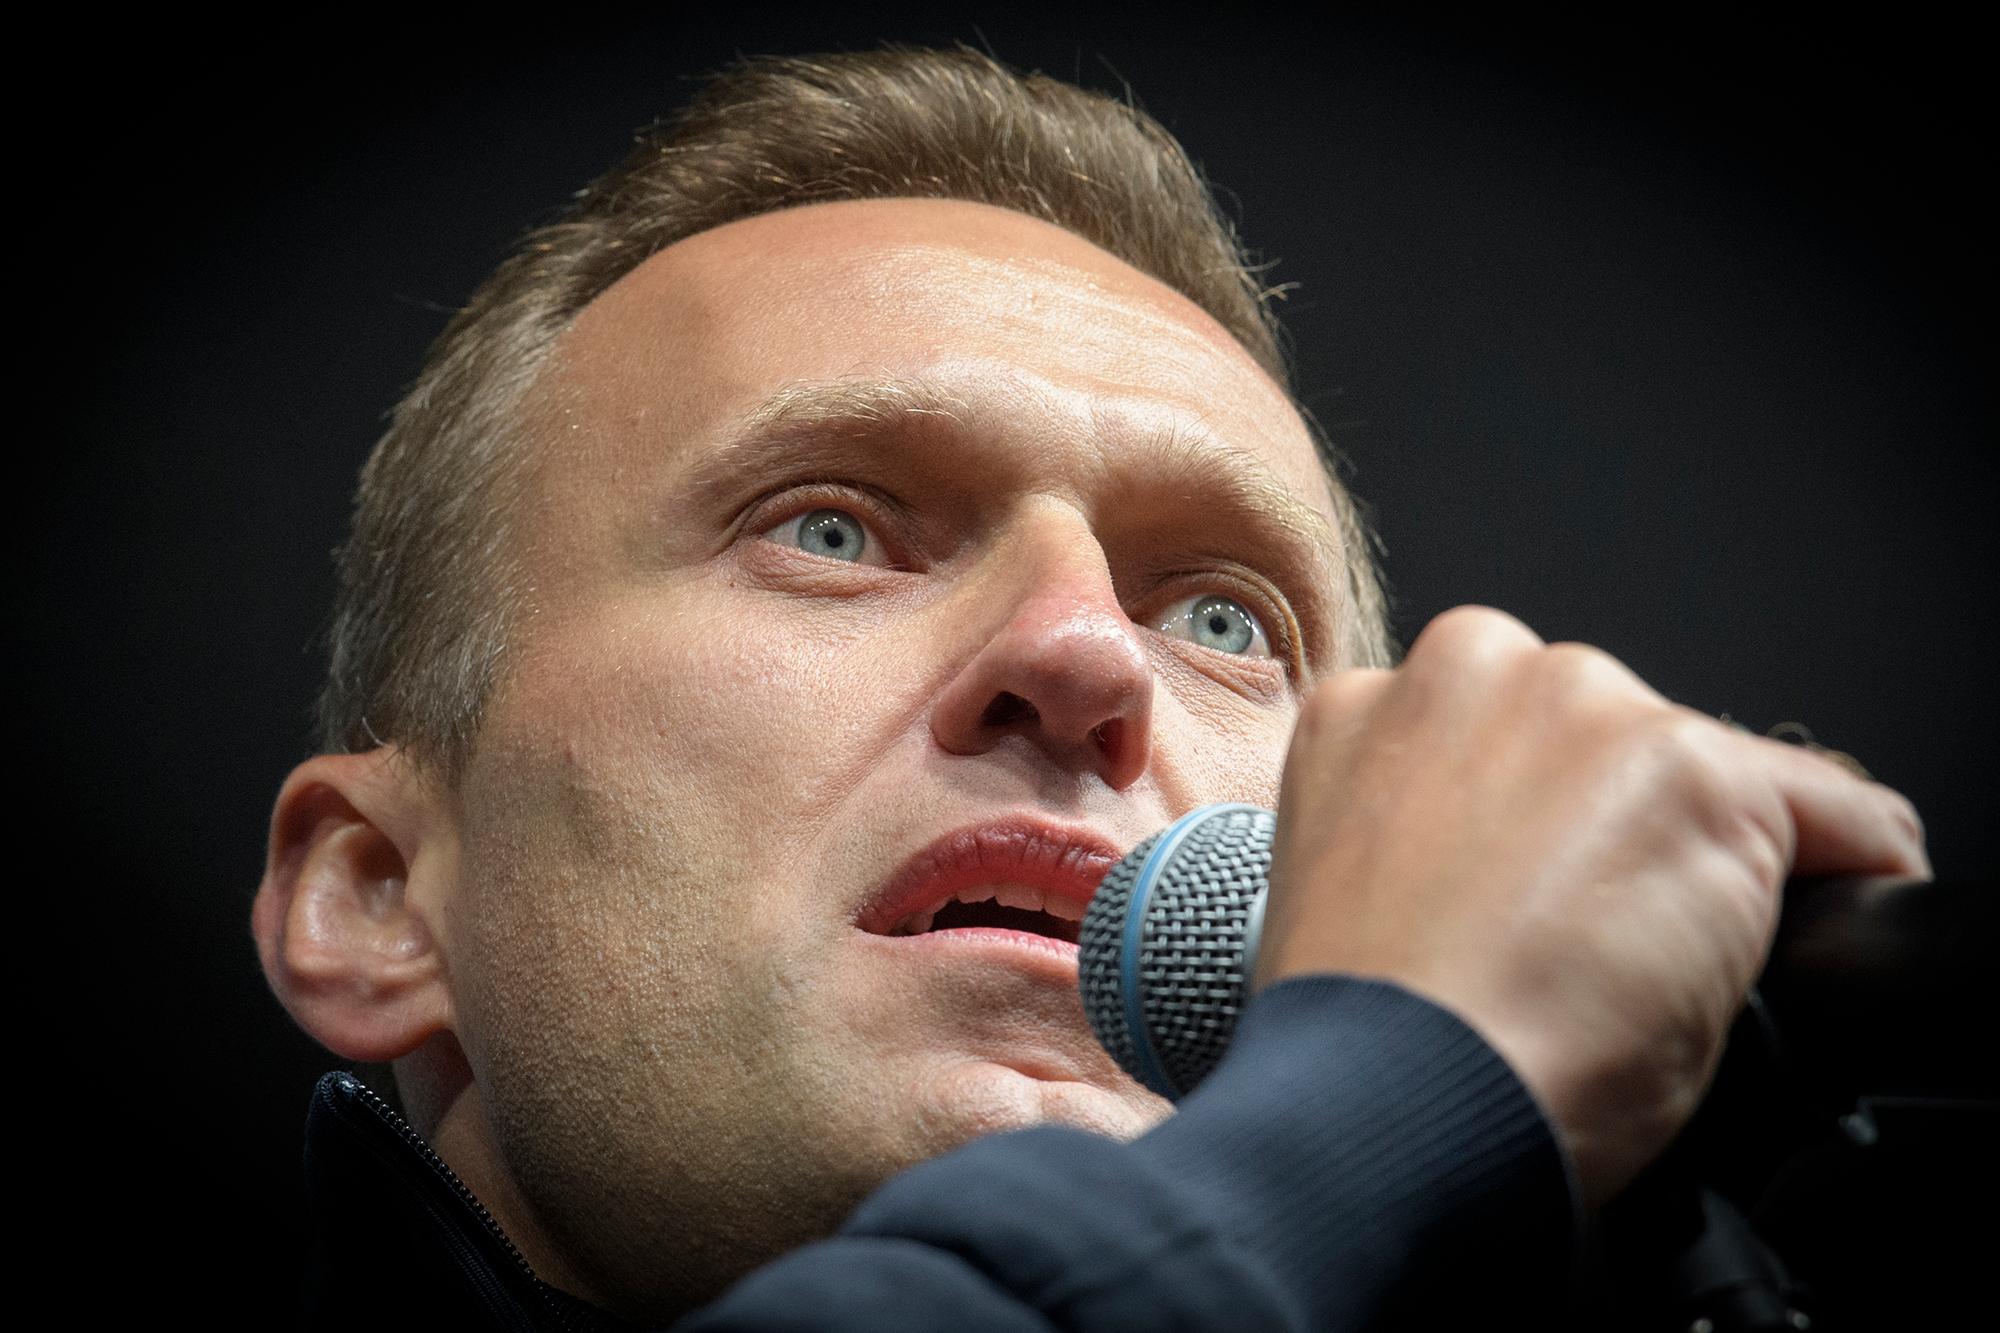 Alemania denuncia rastros de veneno en Alexei Navalny